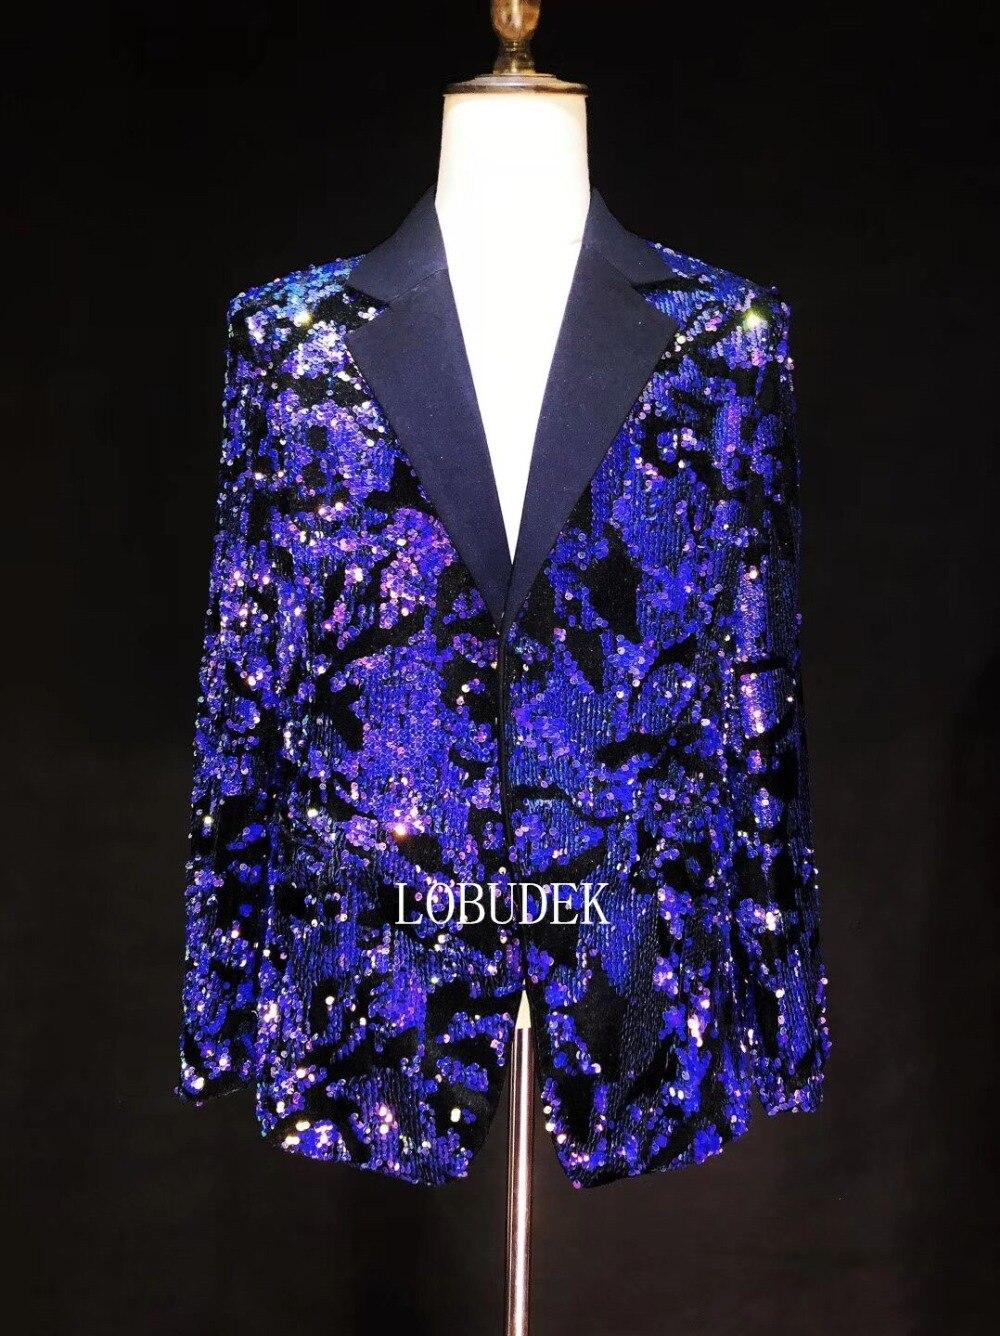 Brillant bleu violet paillettes veste hommes Costume vestes mode Slim Blazers manteau mâle chanteur discothèque vêtements hôte spectacle Costume - 3